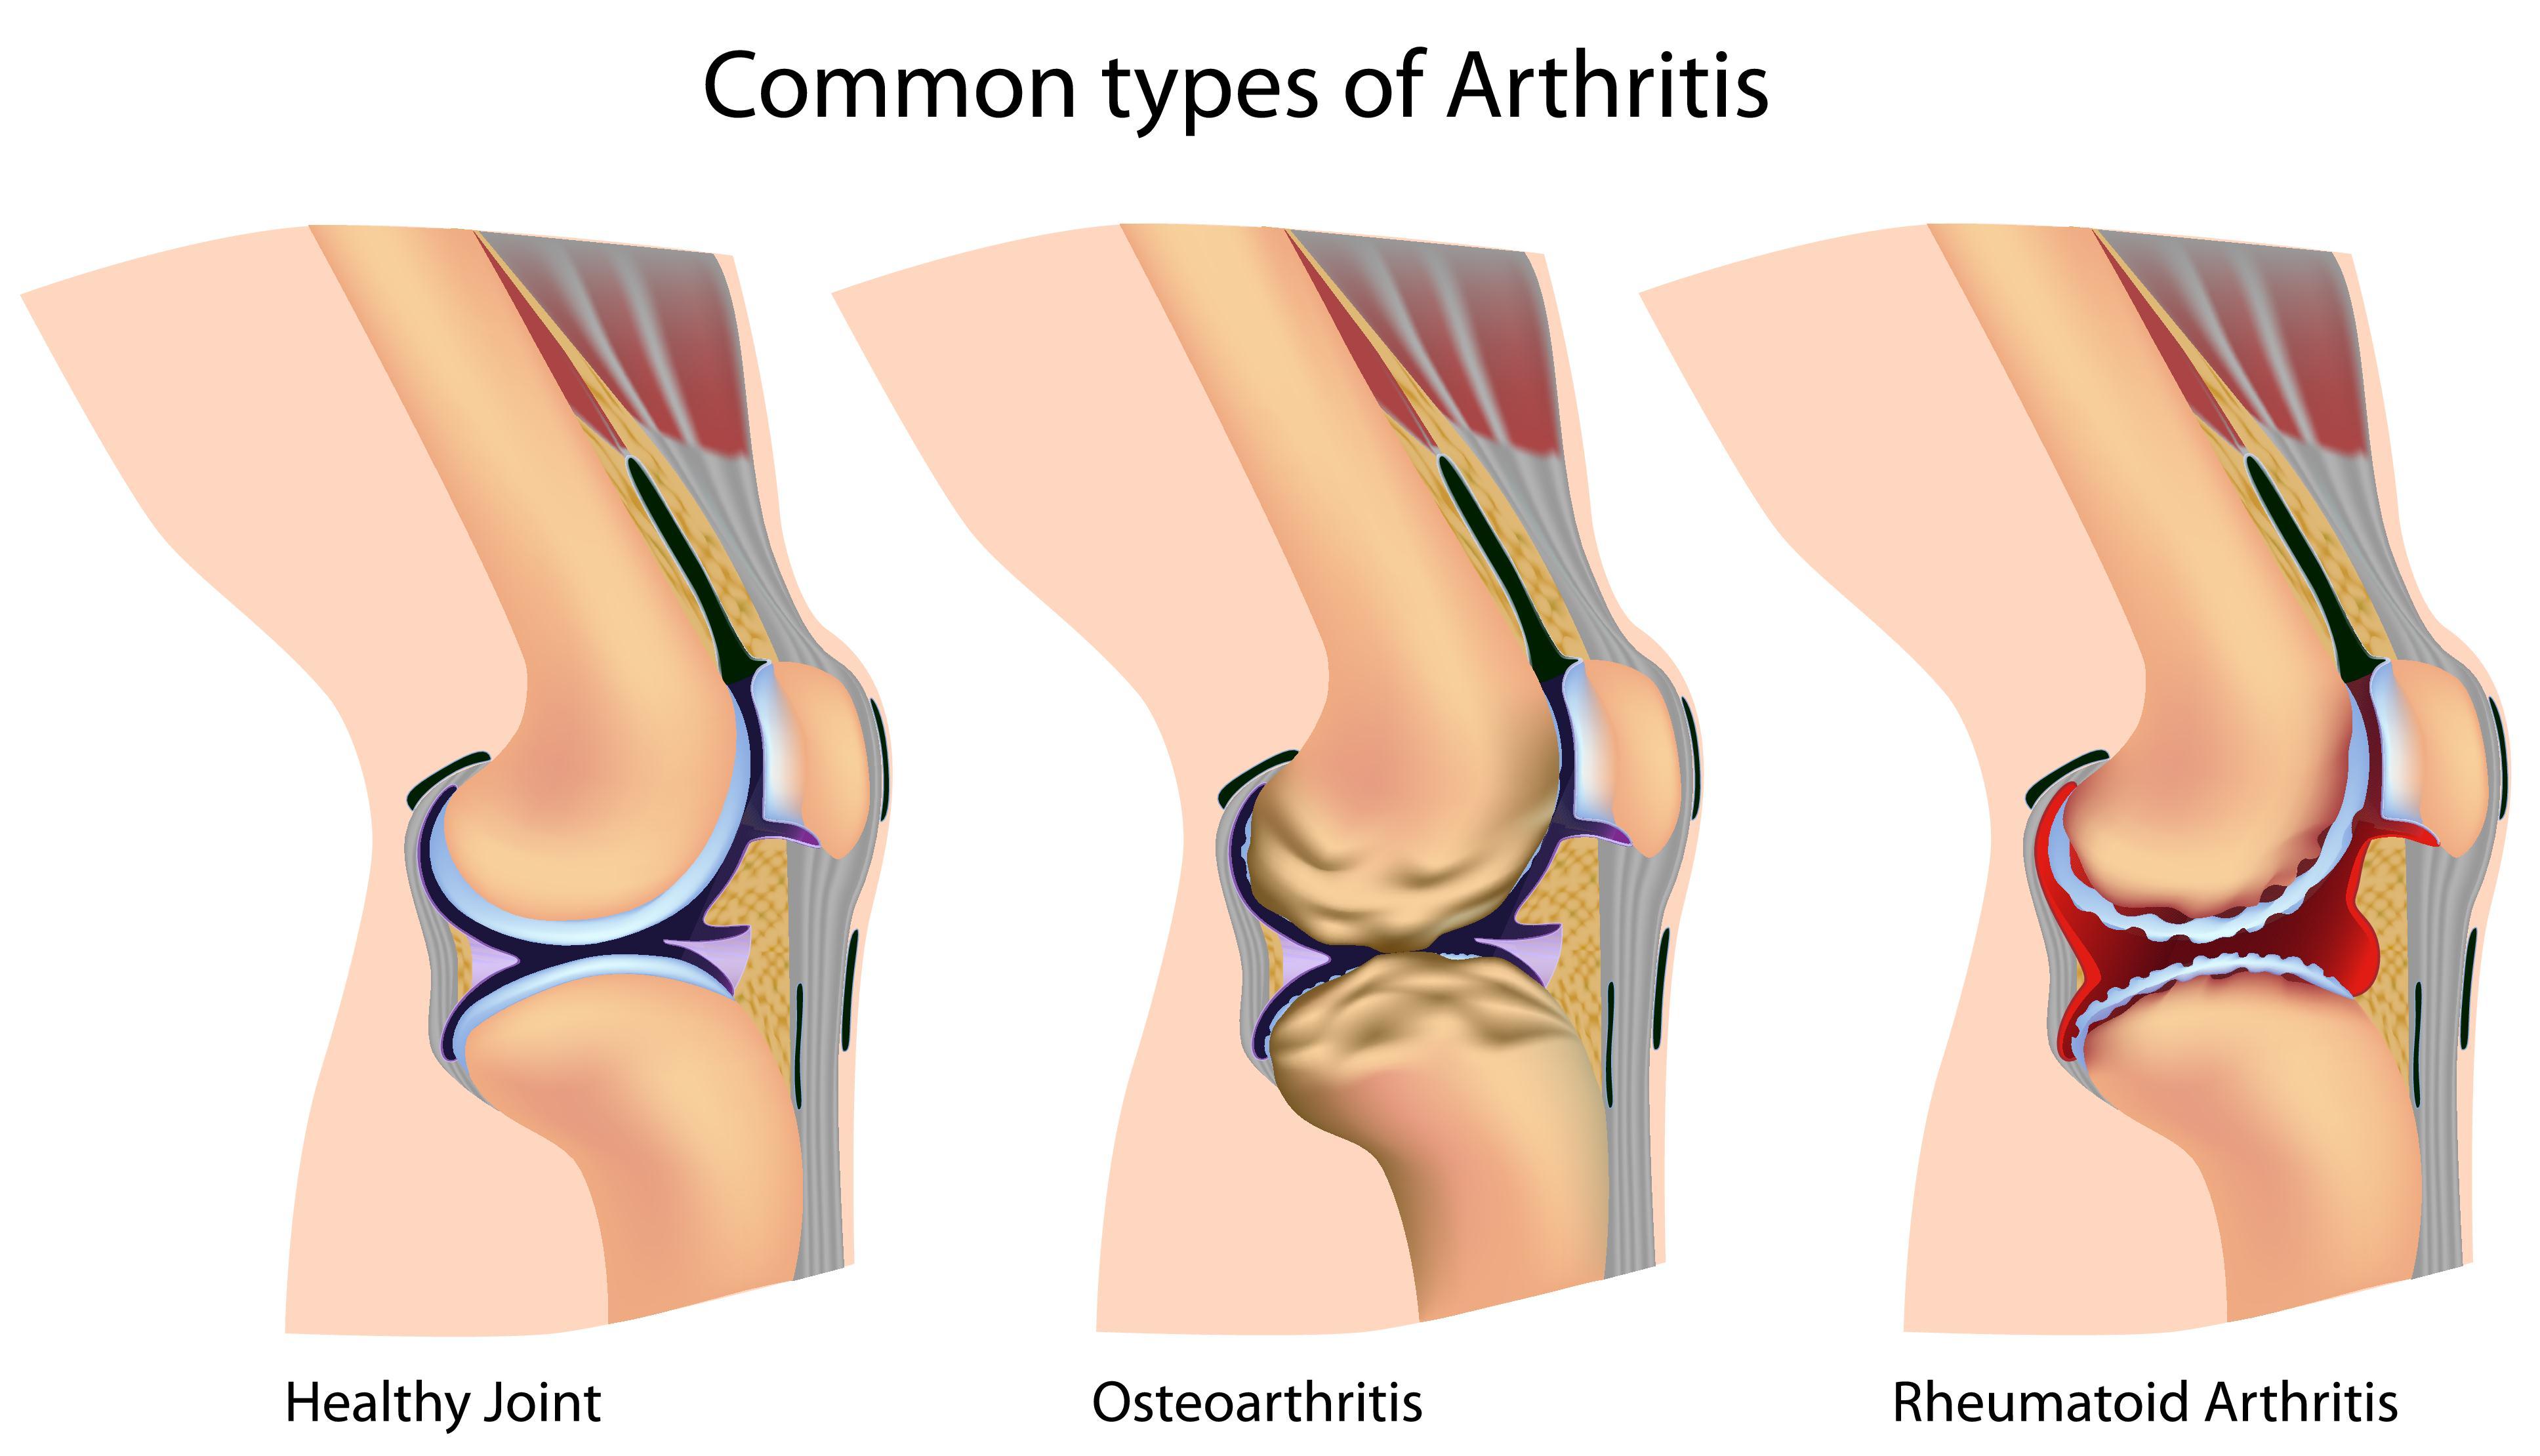 térd radiográfia rheumatoid arthritisben)